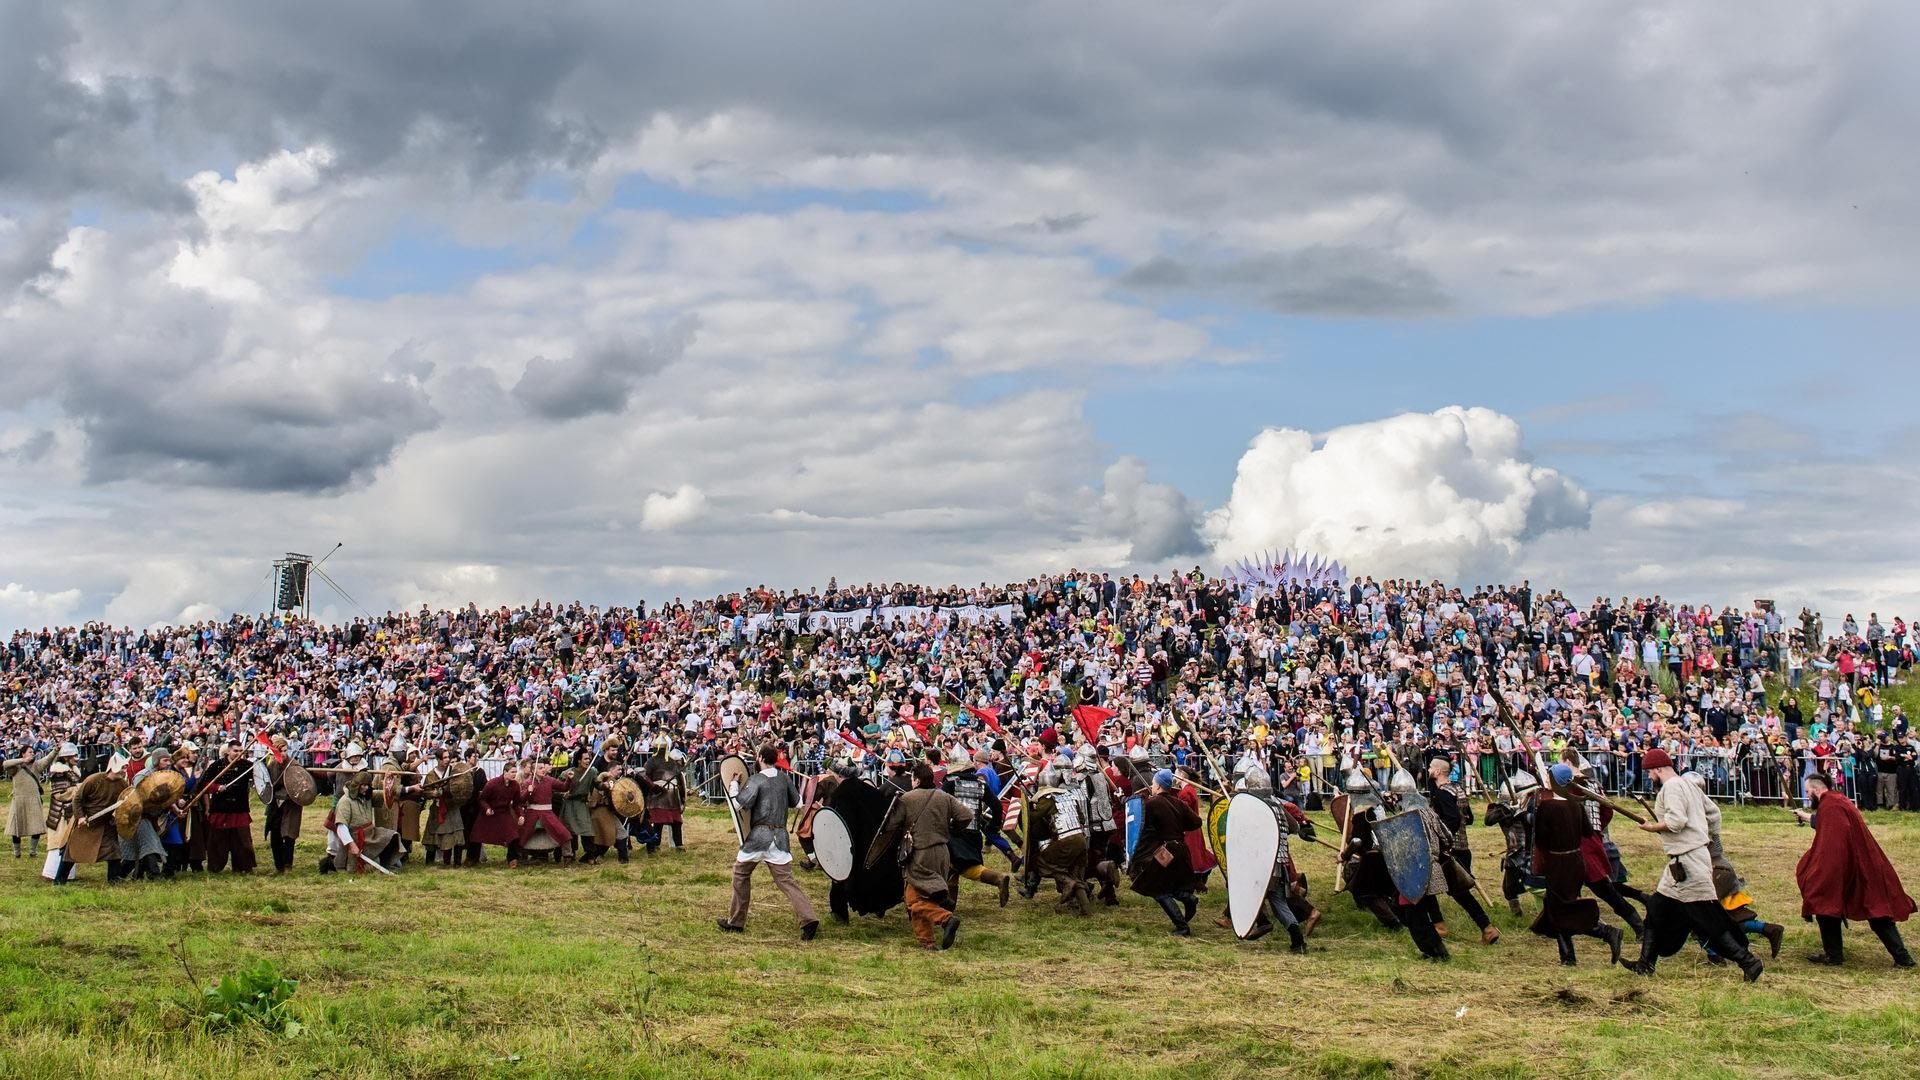 Военно-исторический фестиваль «Великое стояние на реке Угре» в 2019 году.